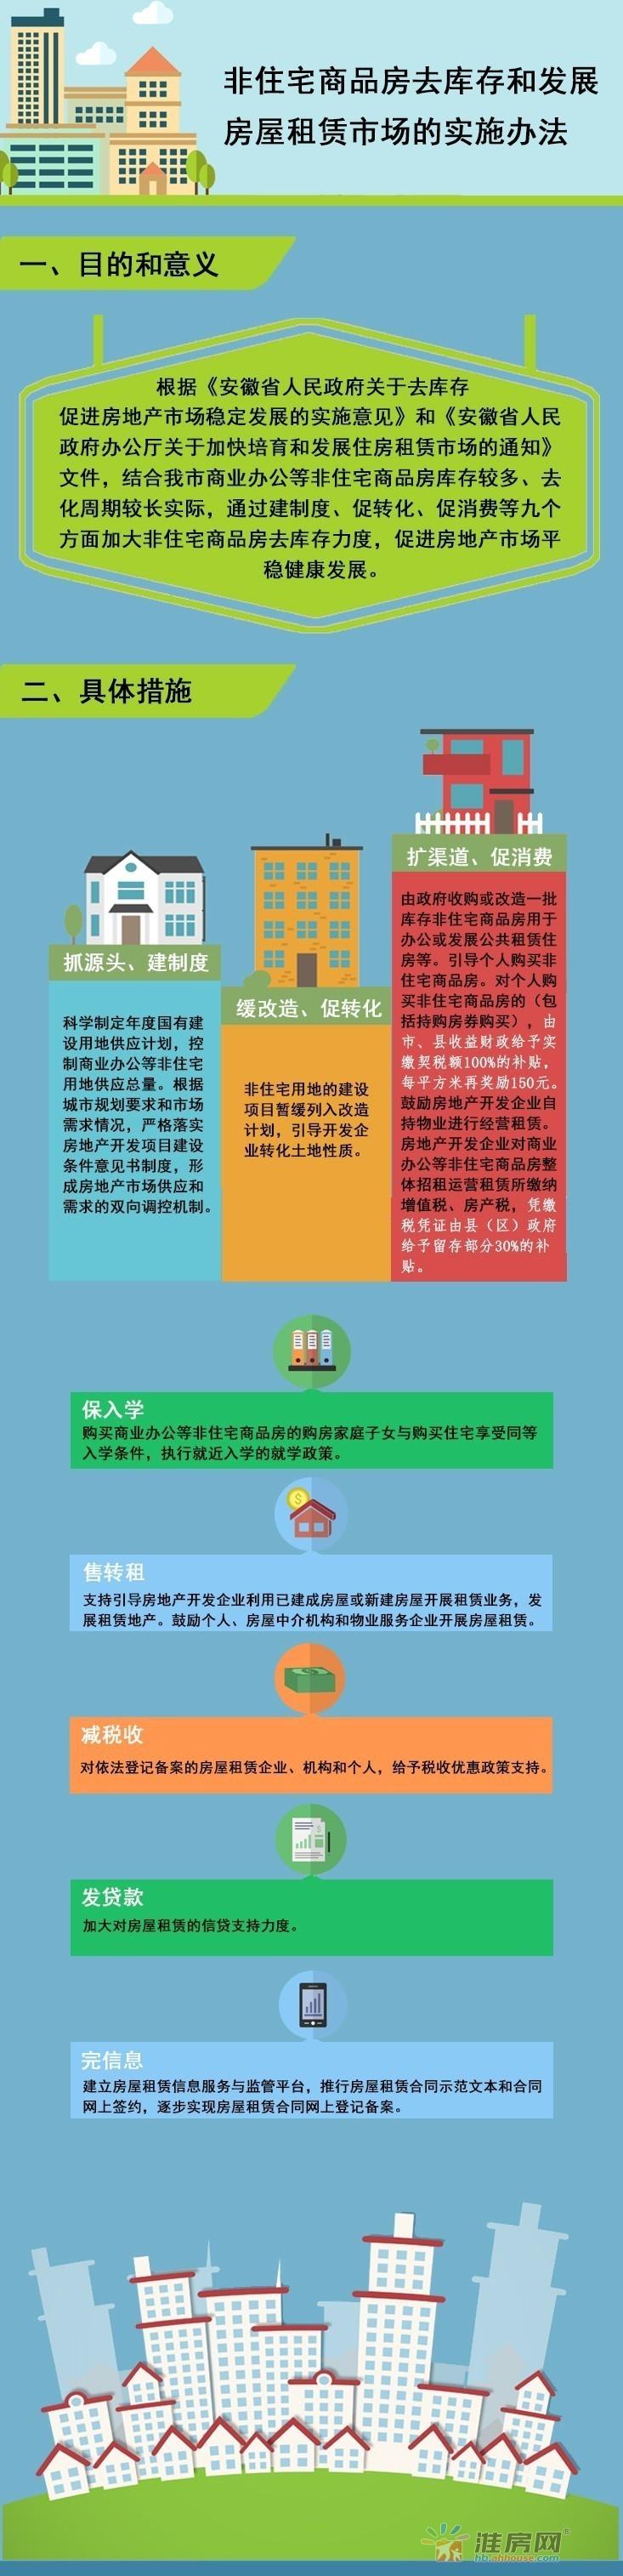 【图解】非住宅商品房去库存和发展房屋租赁